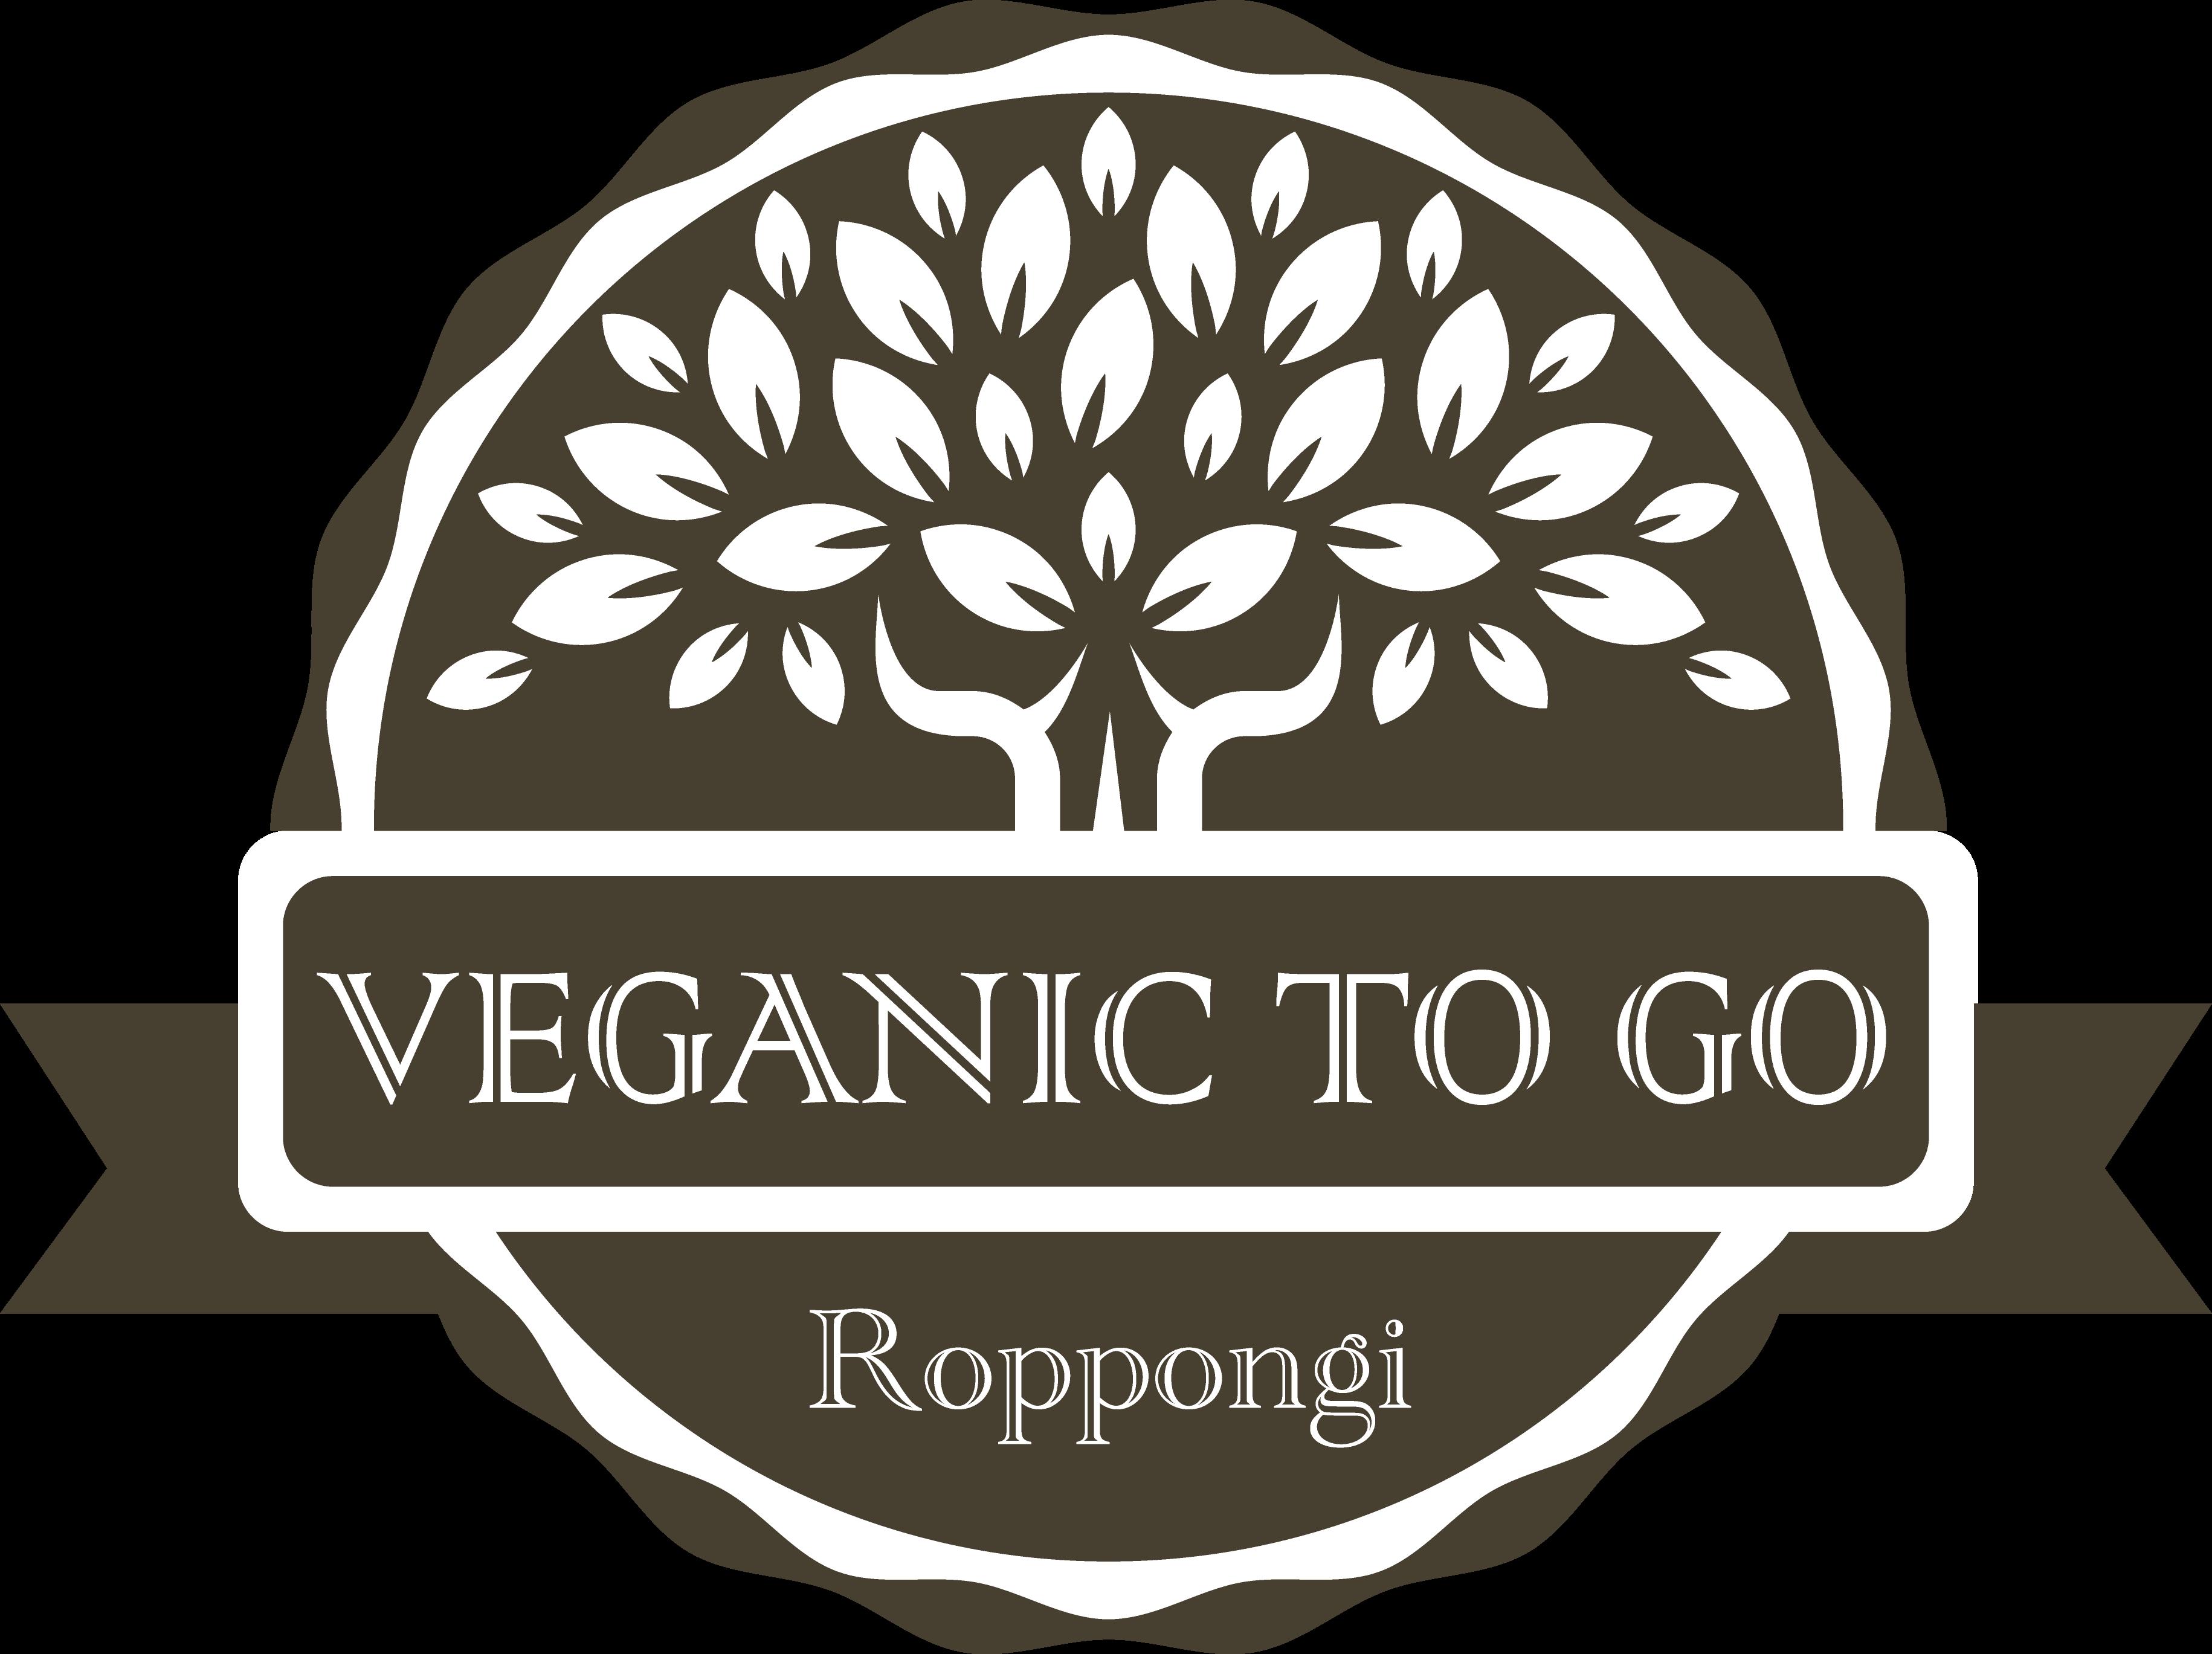 Veganic to go